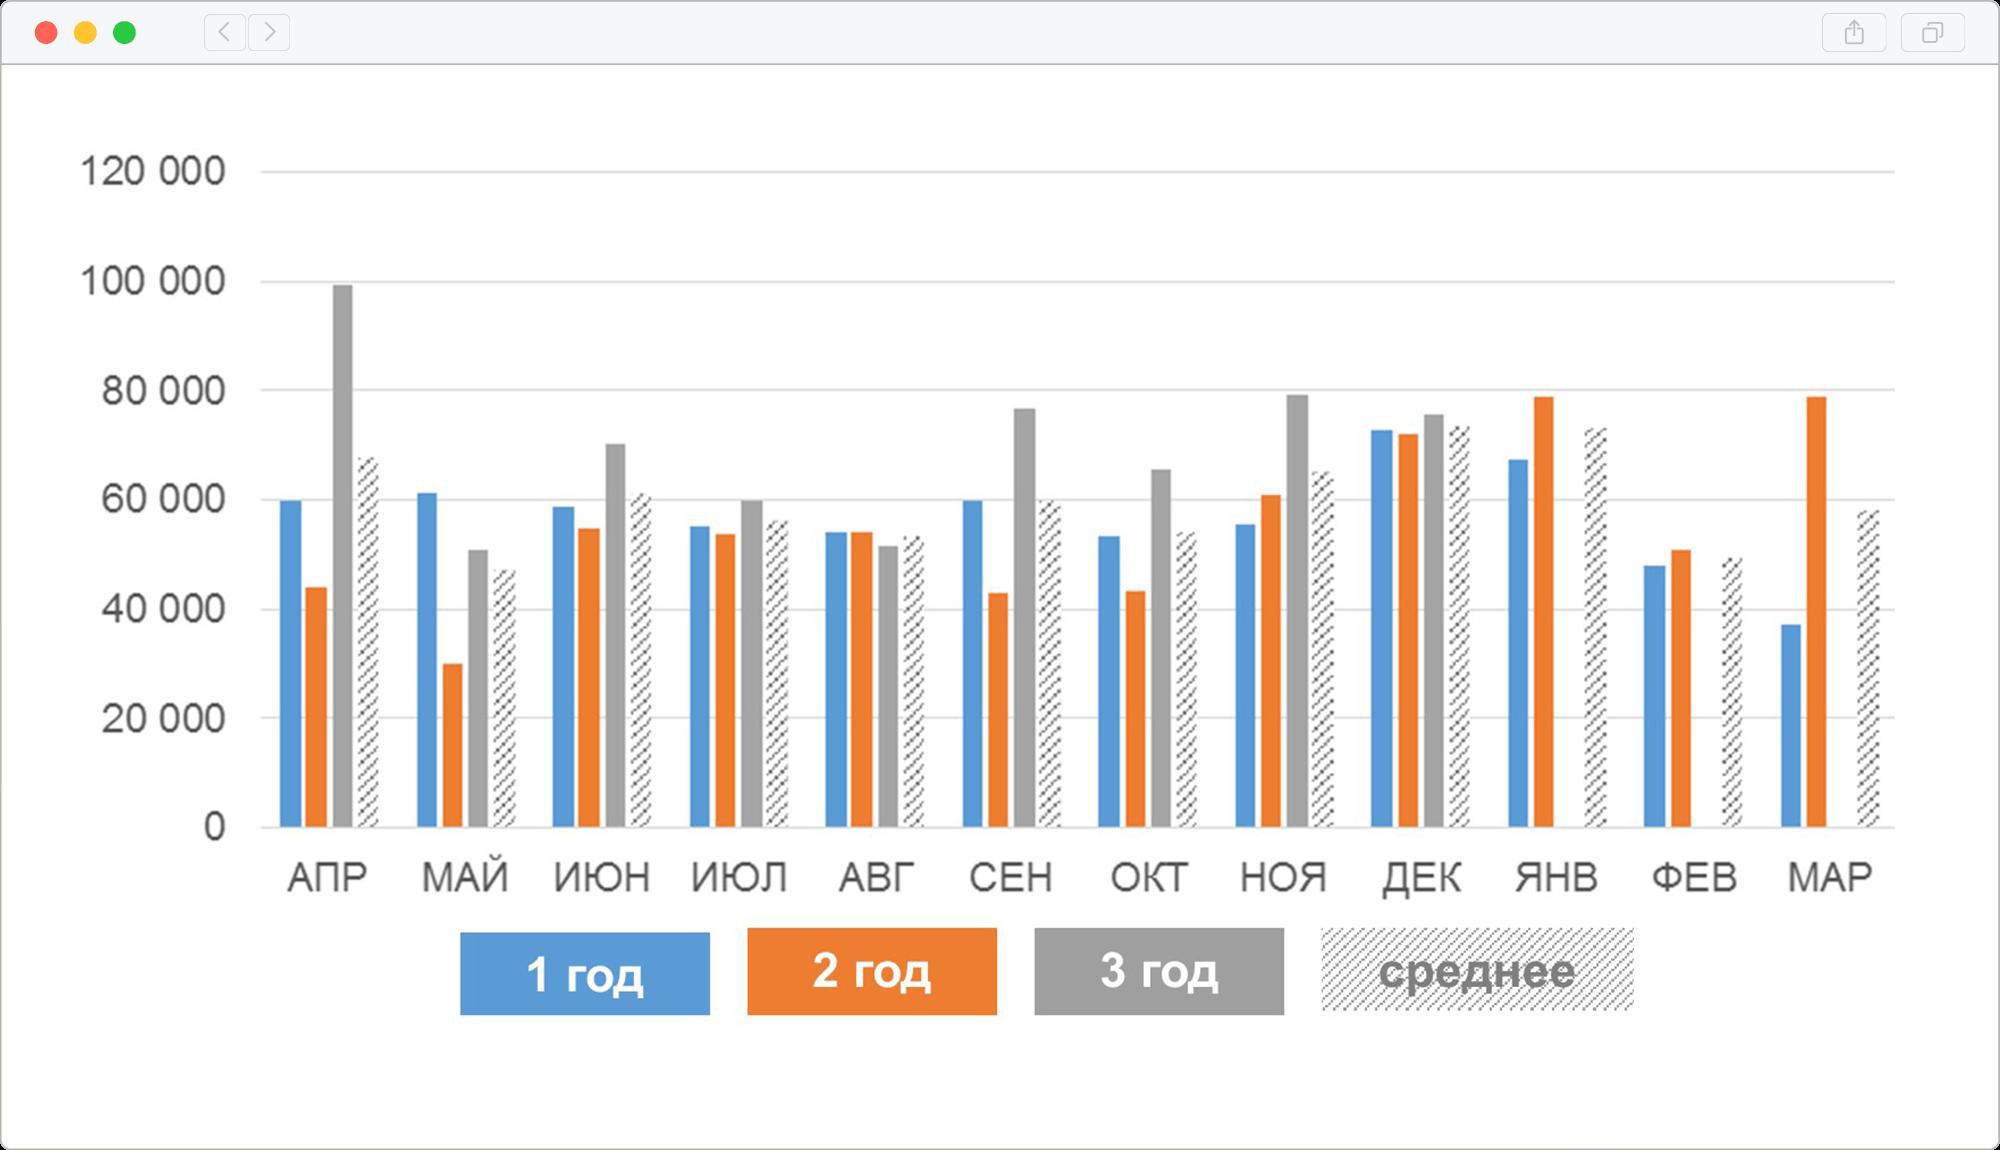 Сравнение повседневных расходов в разрезе месяцев по годам эксперимента